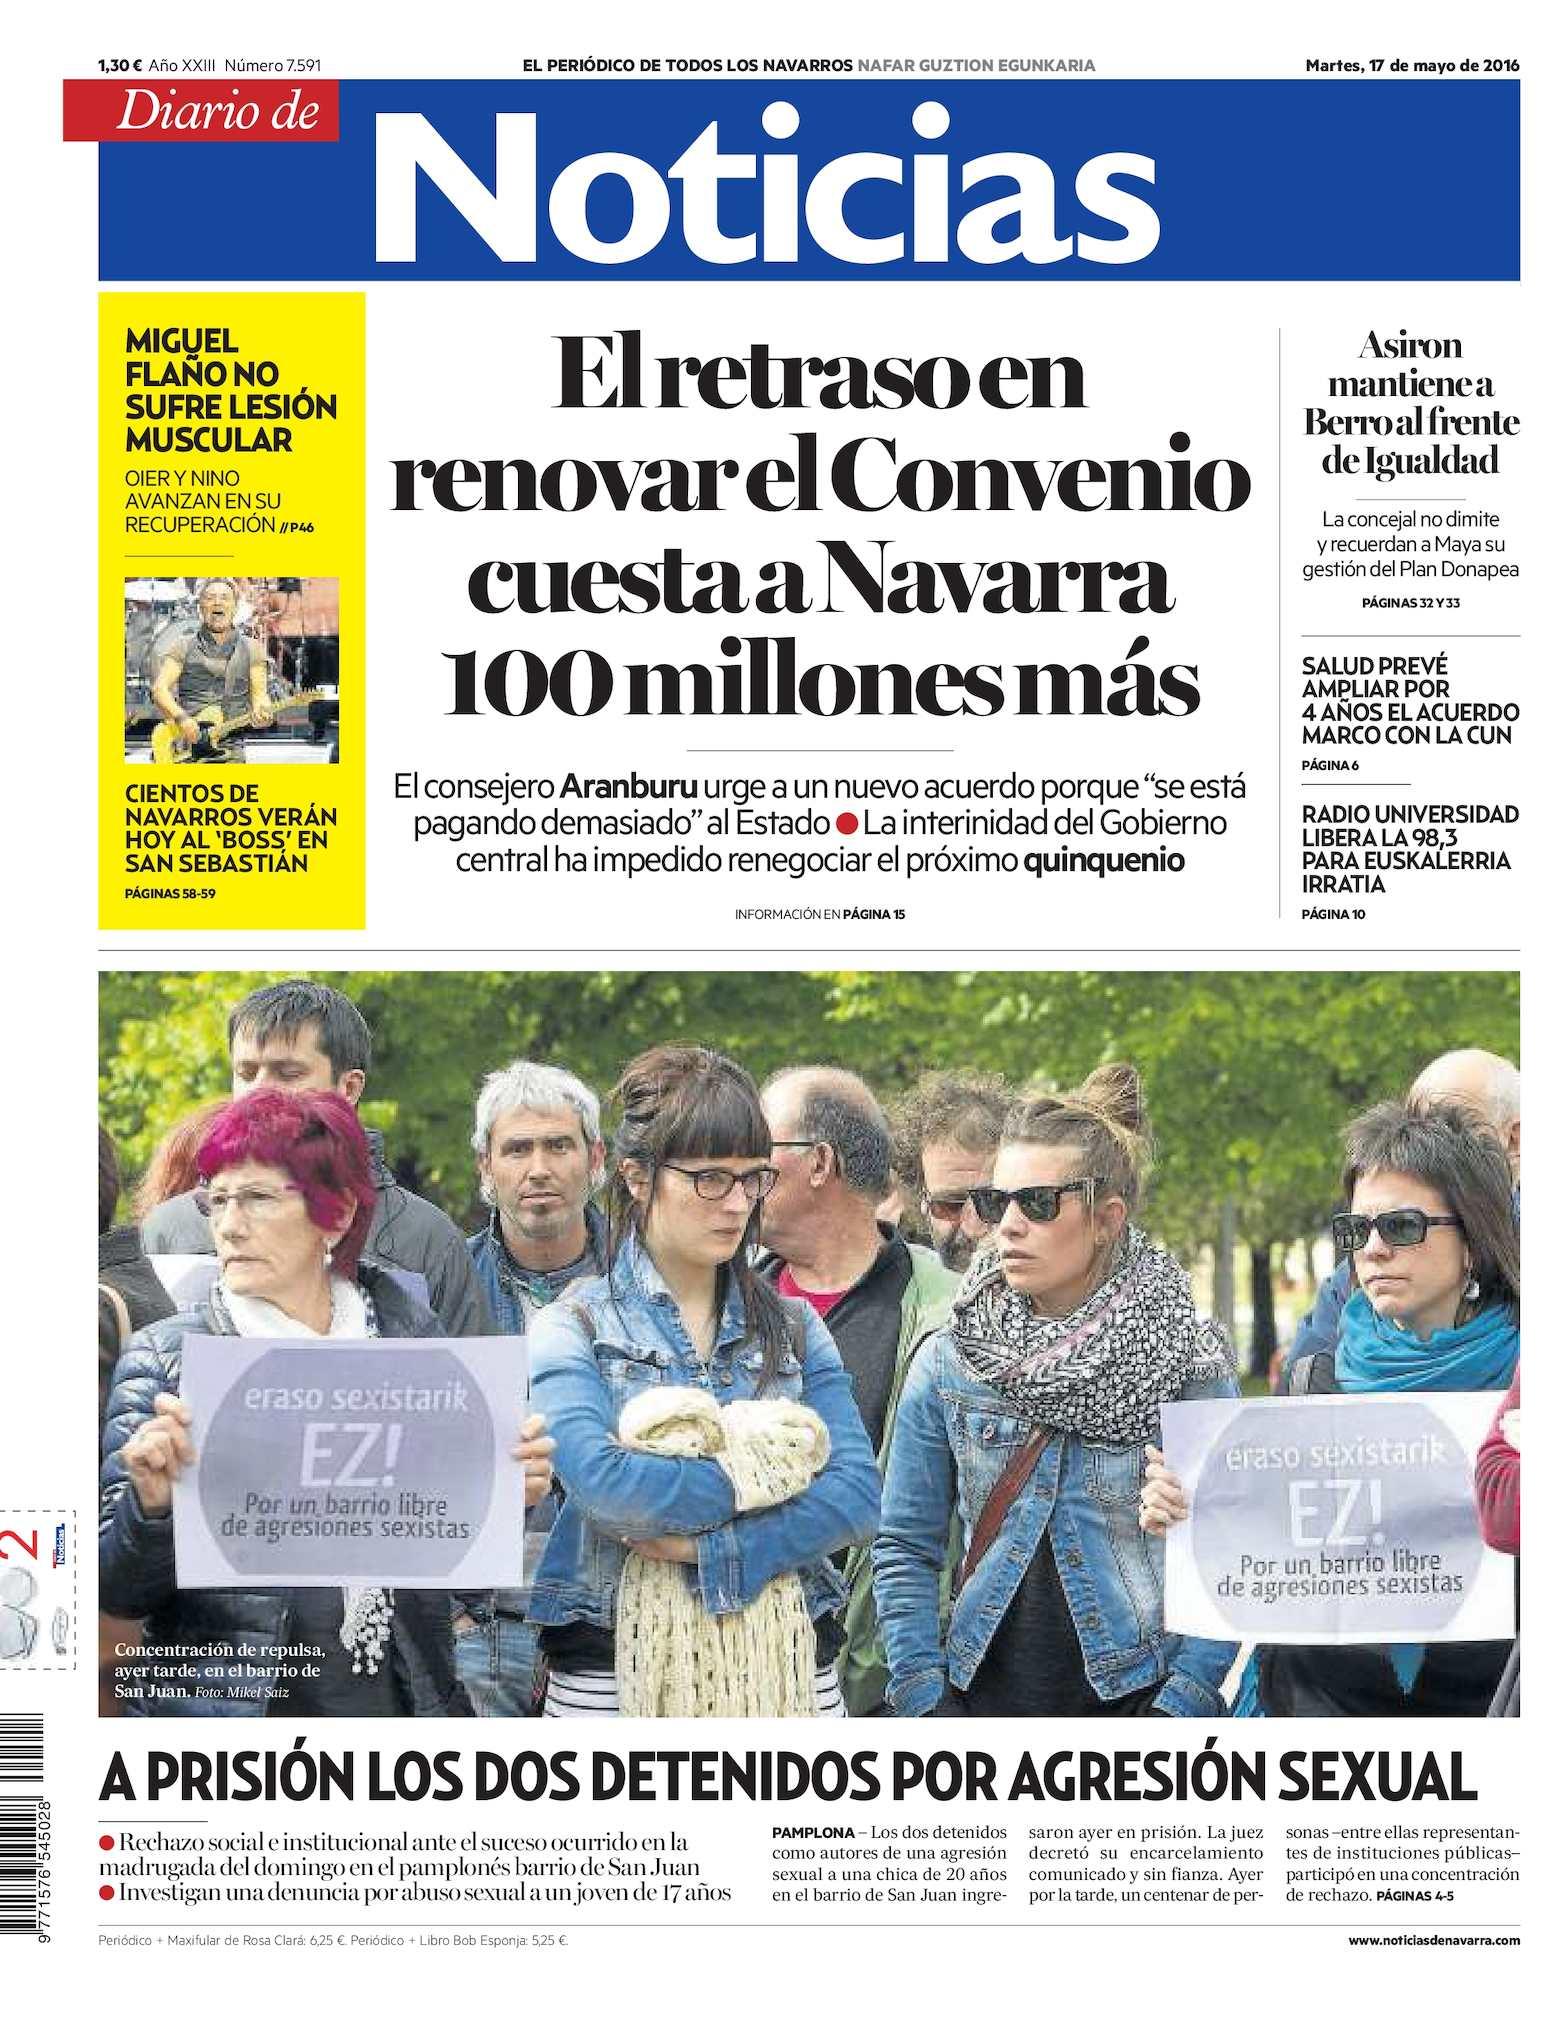 Calaméo - Diario de Noticias 20160517